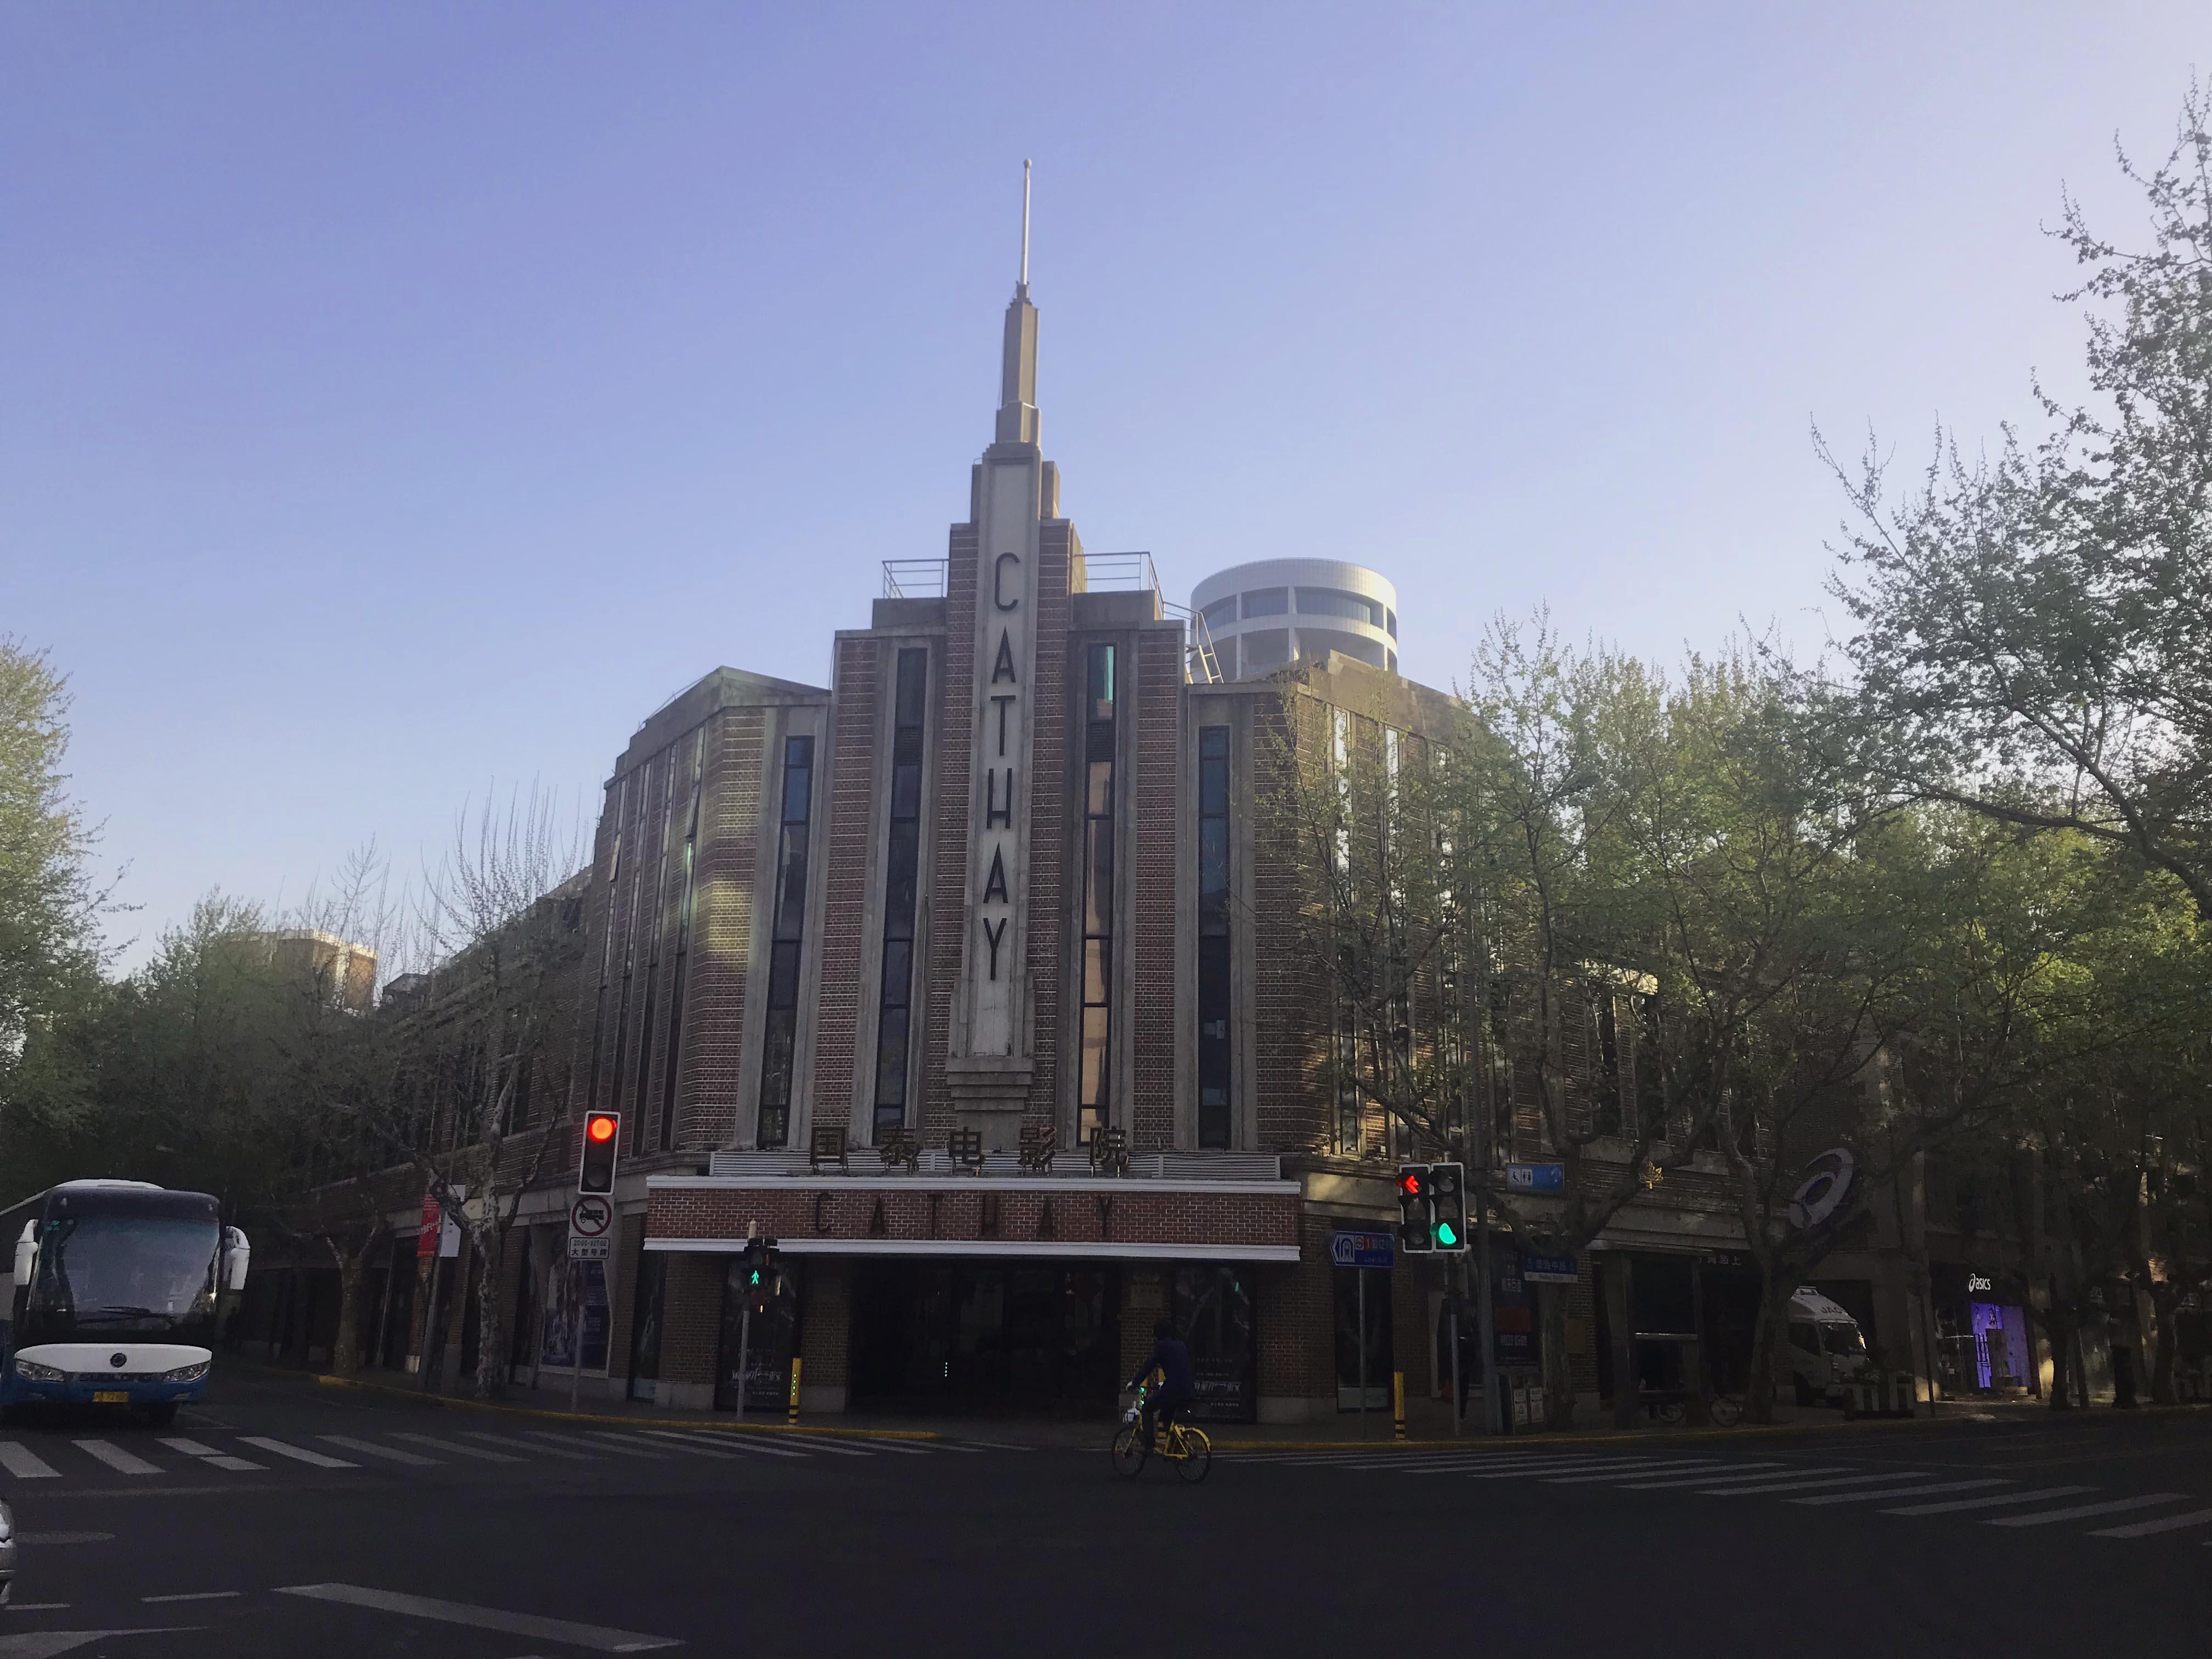 케세이 영화관(궈타이 띠엔잉위엔, 国泰电影院)은 1932년 개장한 상하이 최초의 영화관이다. 체코 출신 건축가 곤다(C.H. Gonda)의 작품으로 전형적인 아르데코 스타일이다. 내부는 리노베이션을 거쳐 최신 극장과 견줄 만하다. ©문수미